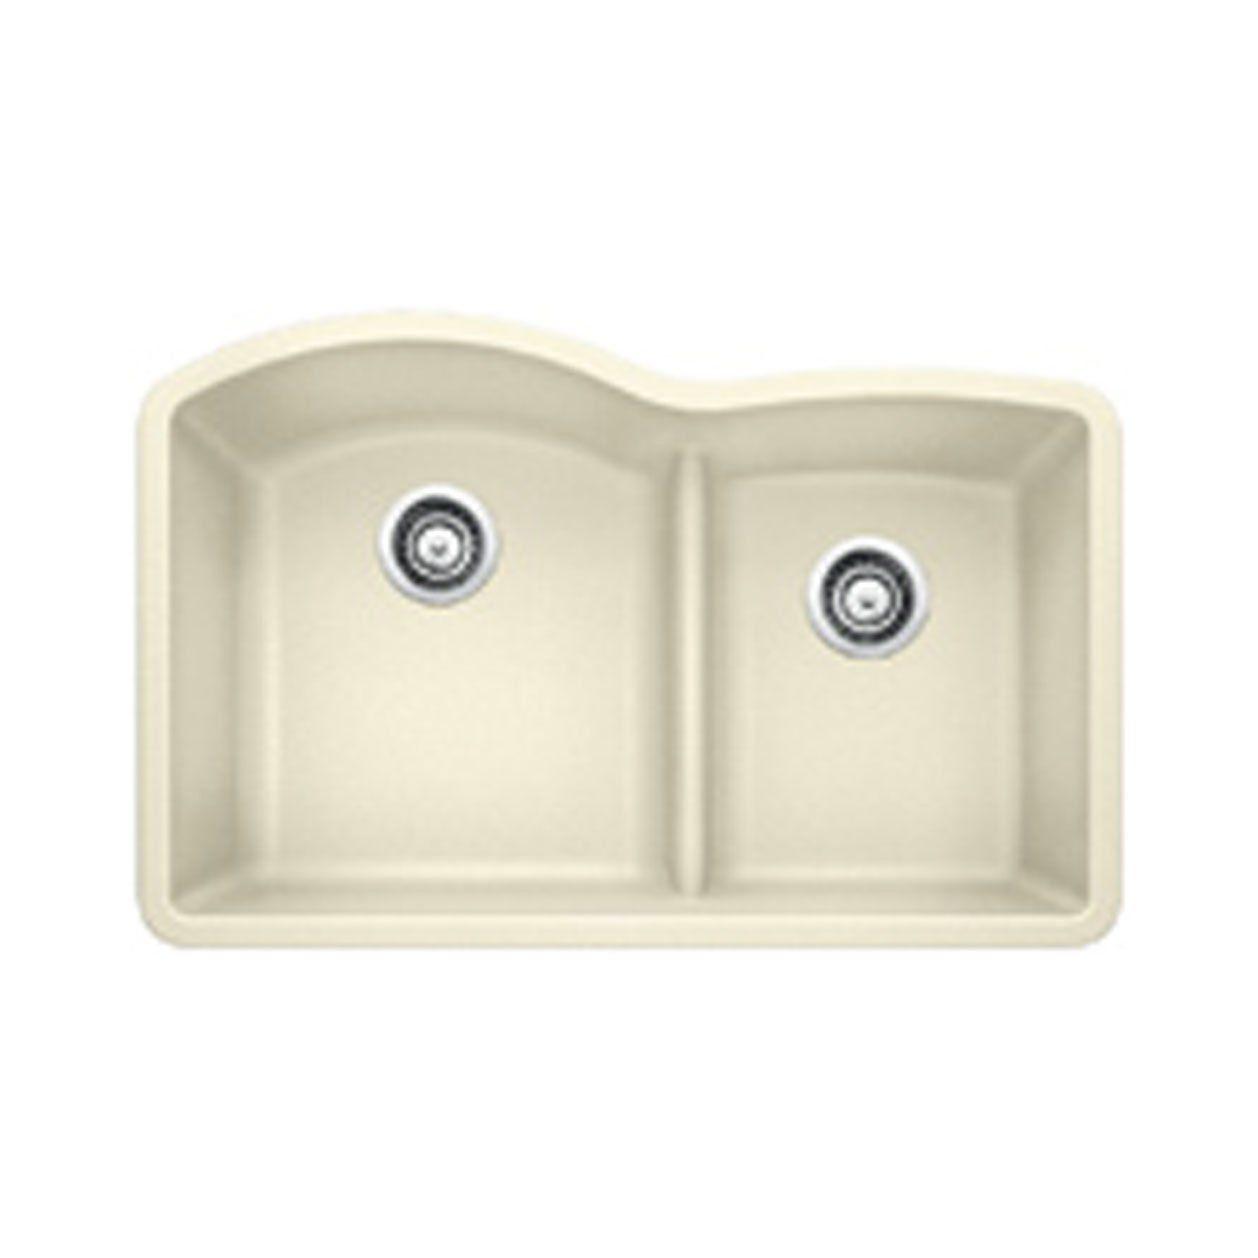 Blanco 441594 Diamond 1 75 Low Divide Undermount Kitchen Sink In Biscuit Sink Double Bowl Undermount Kitchen Sink Undermount Kitchen Sinks